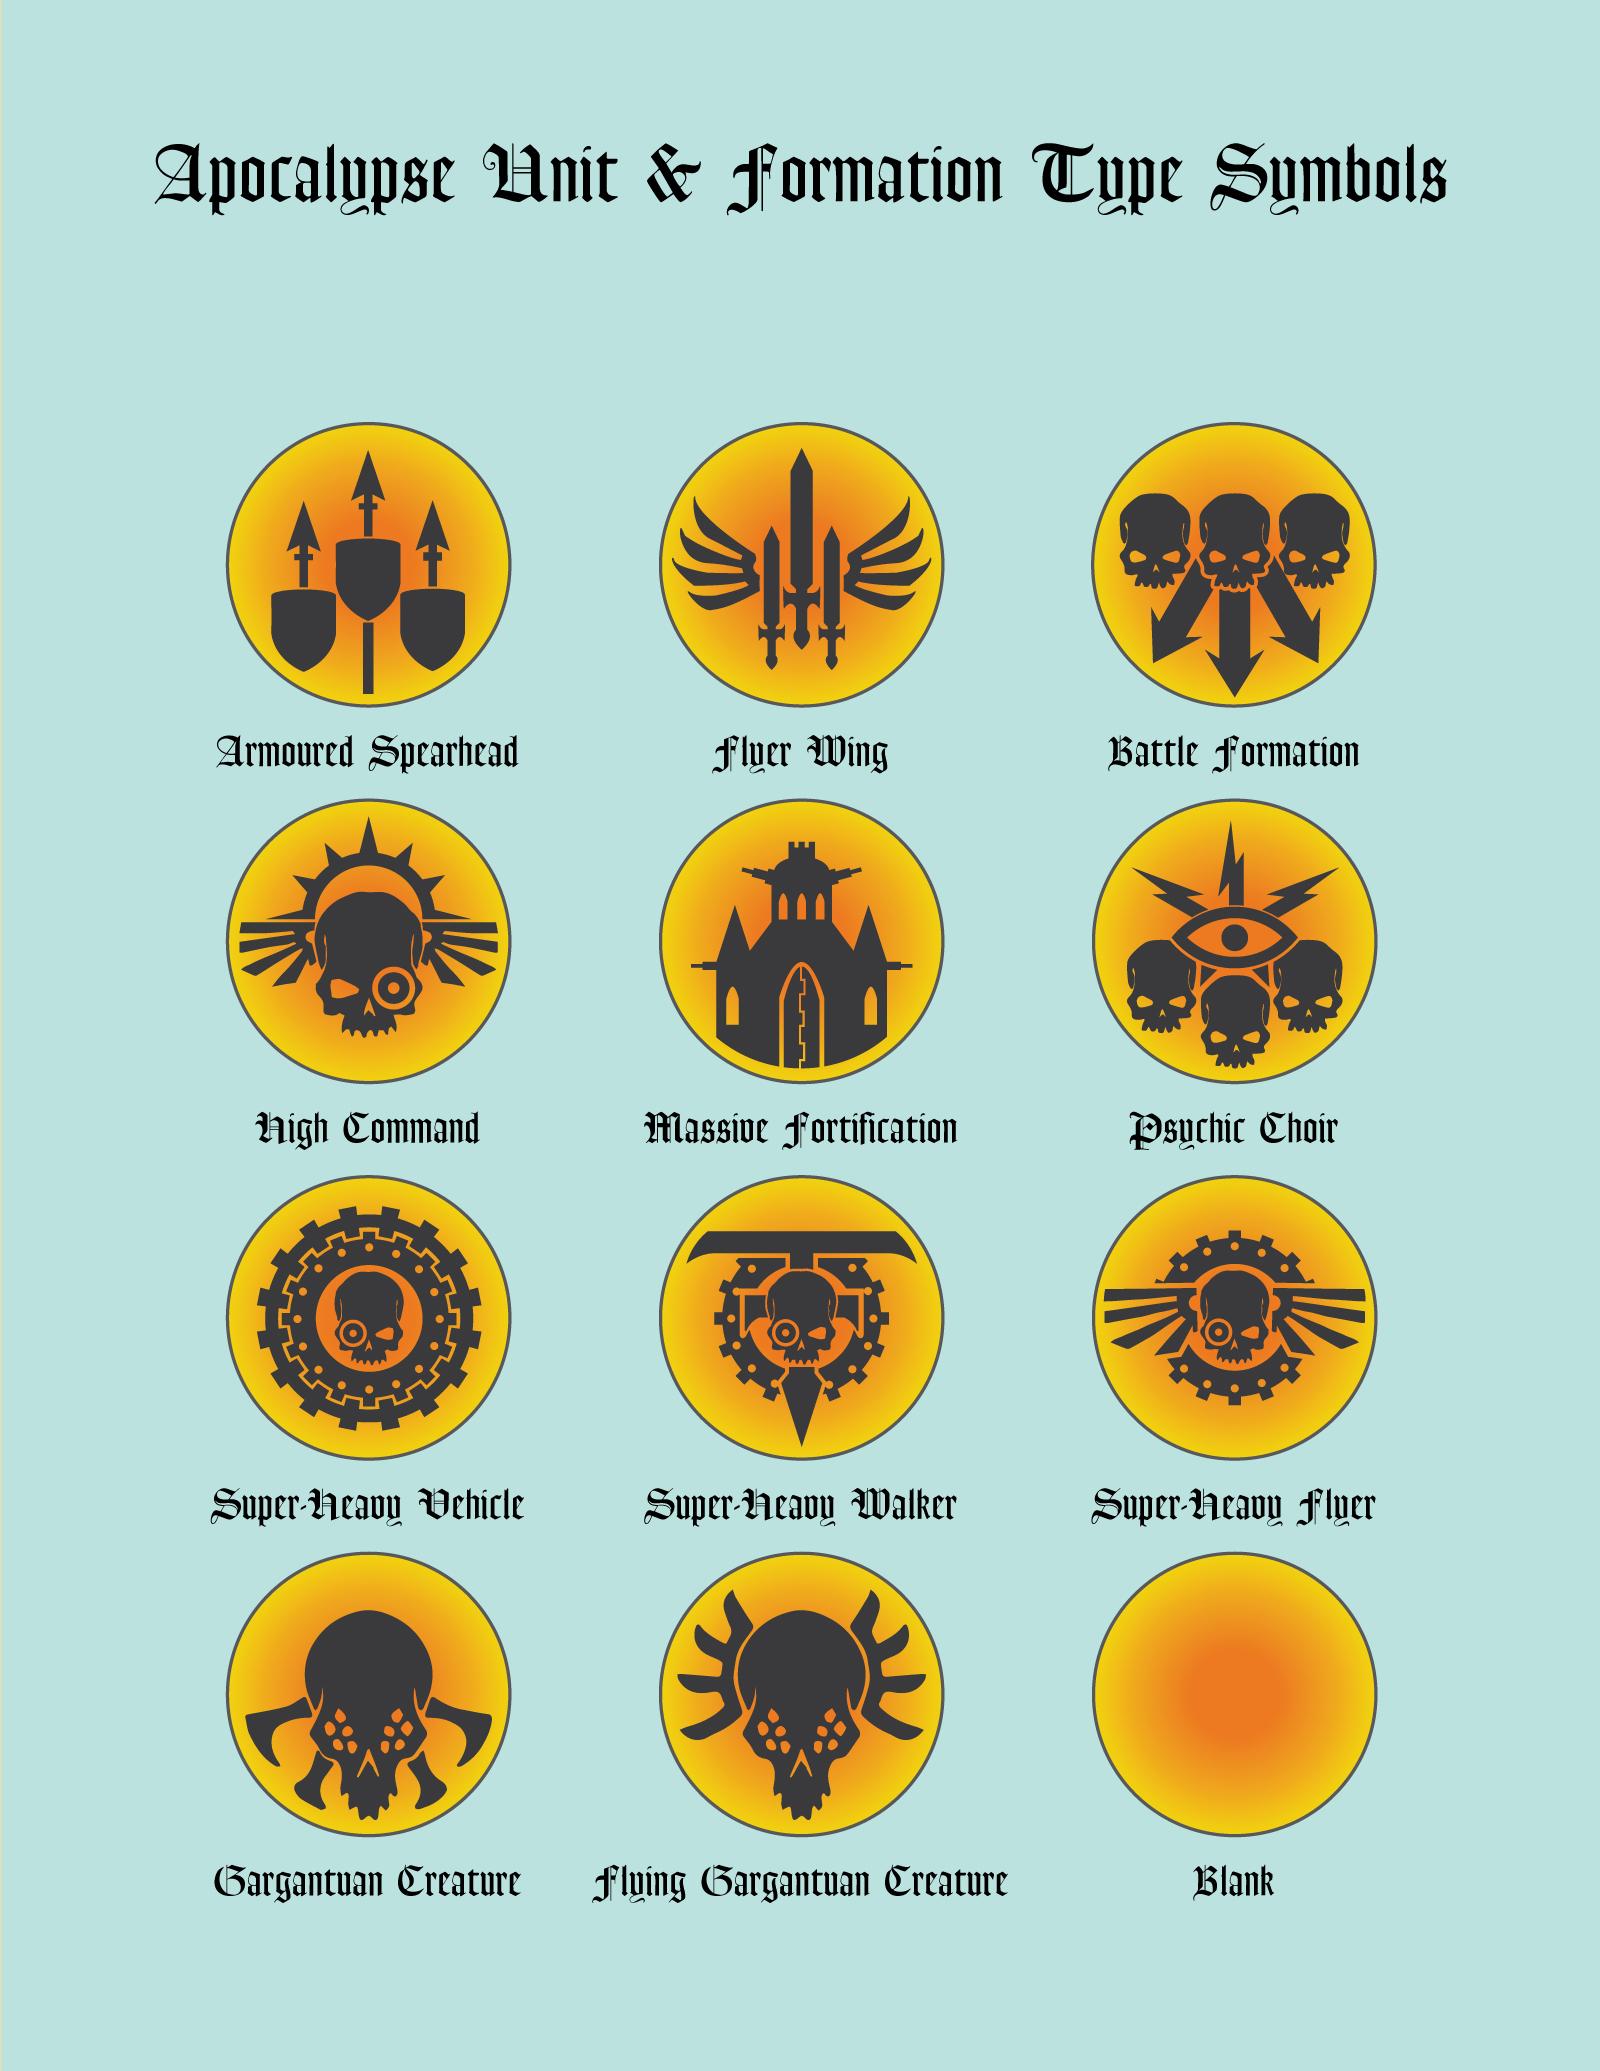 Apocalypse Unit Type Symbols